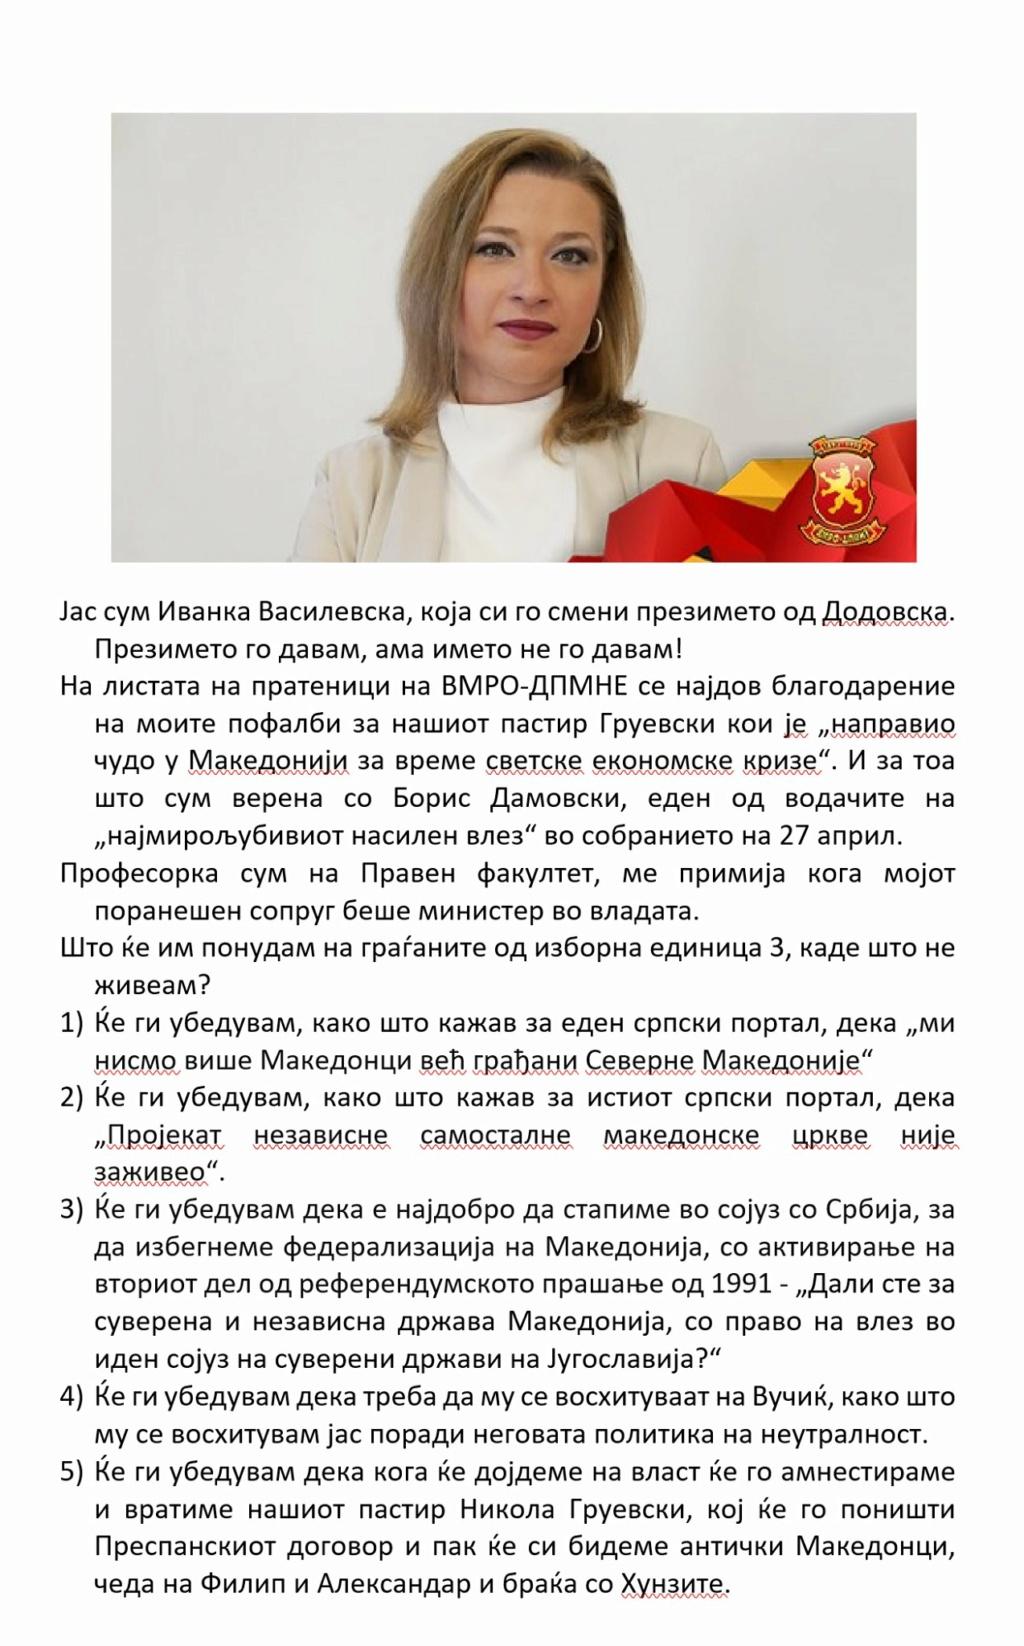 ЛУДАЦИТЕ од ВРО - ДПНЕ - Page 9 Ea5zkz10